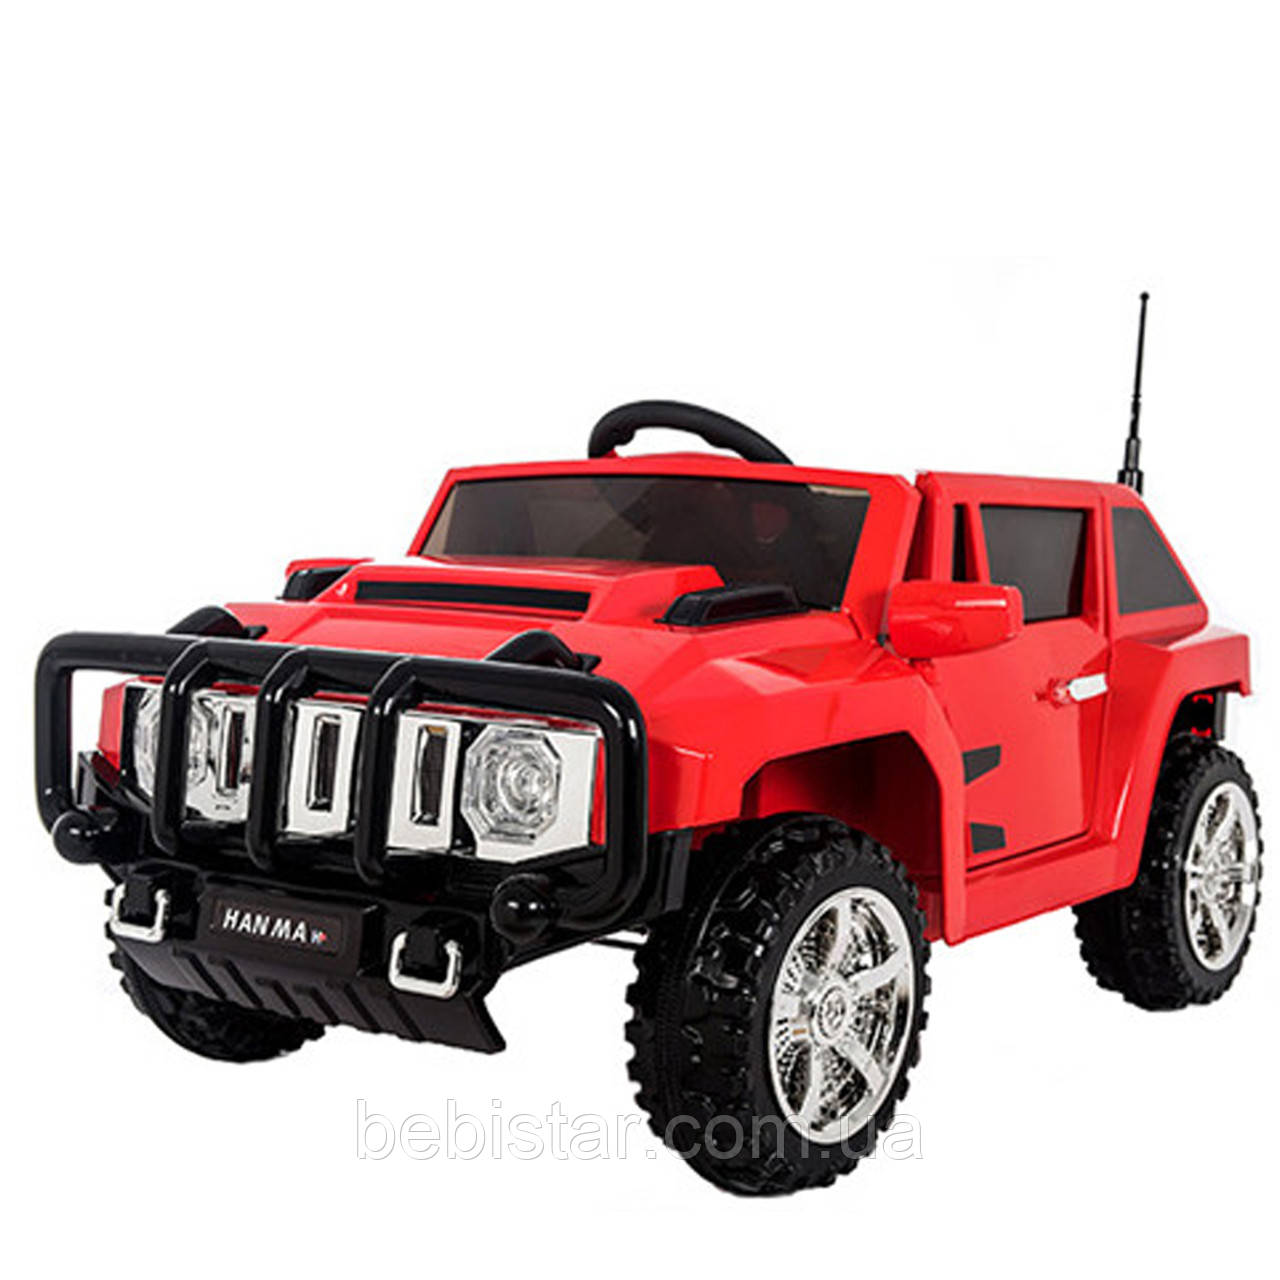 Детский джип электромобиль красный для 3-8 лет с пультом аккумулятор 12V7AH мотор 2*20W с МР3